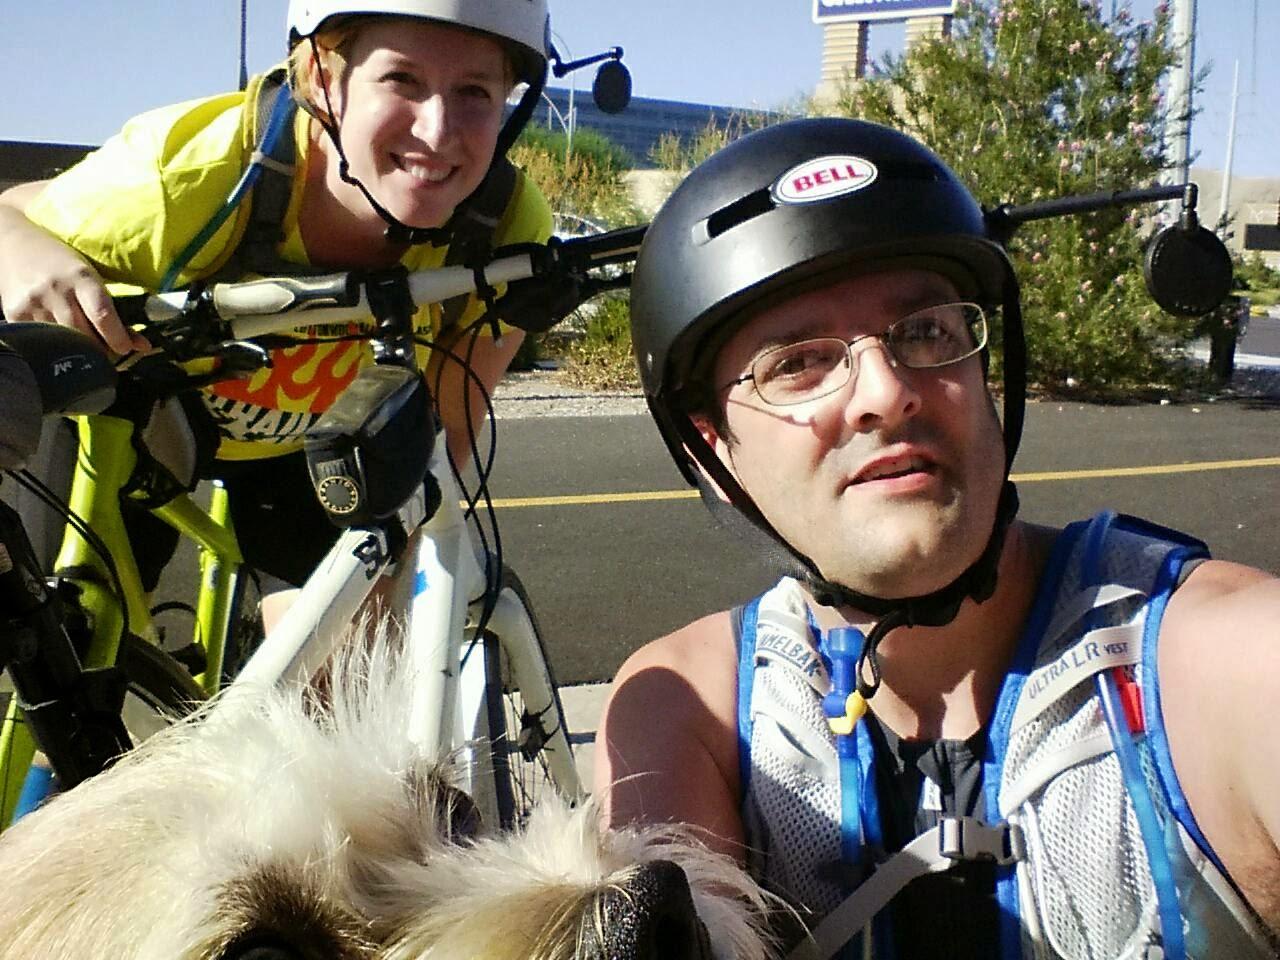 Biking Las Vegas, St Rose Pkwy